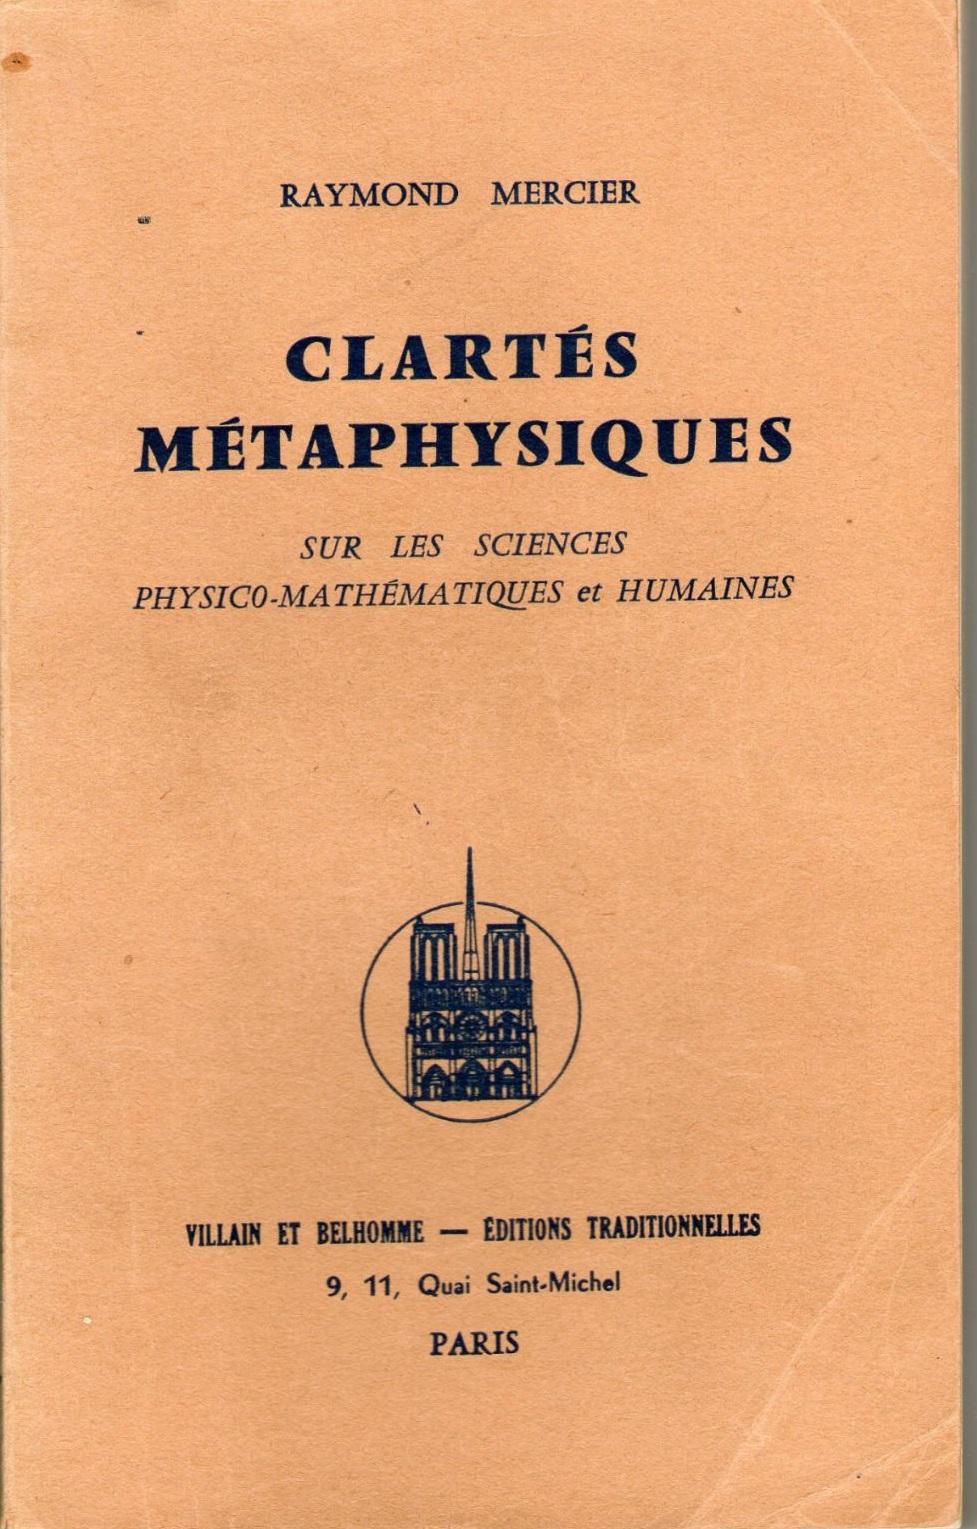 Raymond Mercier - Clartés Métaphysiques Sur Les Sciences Physico-Mathématiques et Humaines